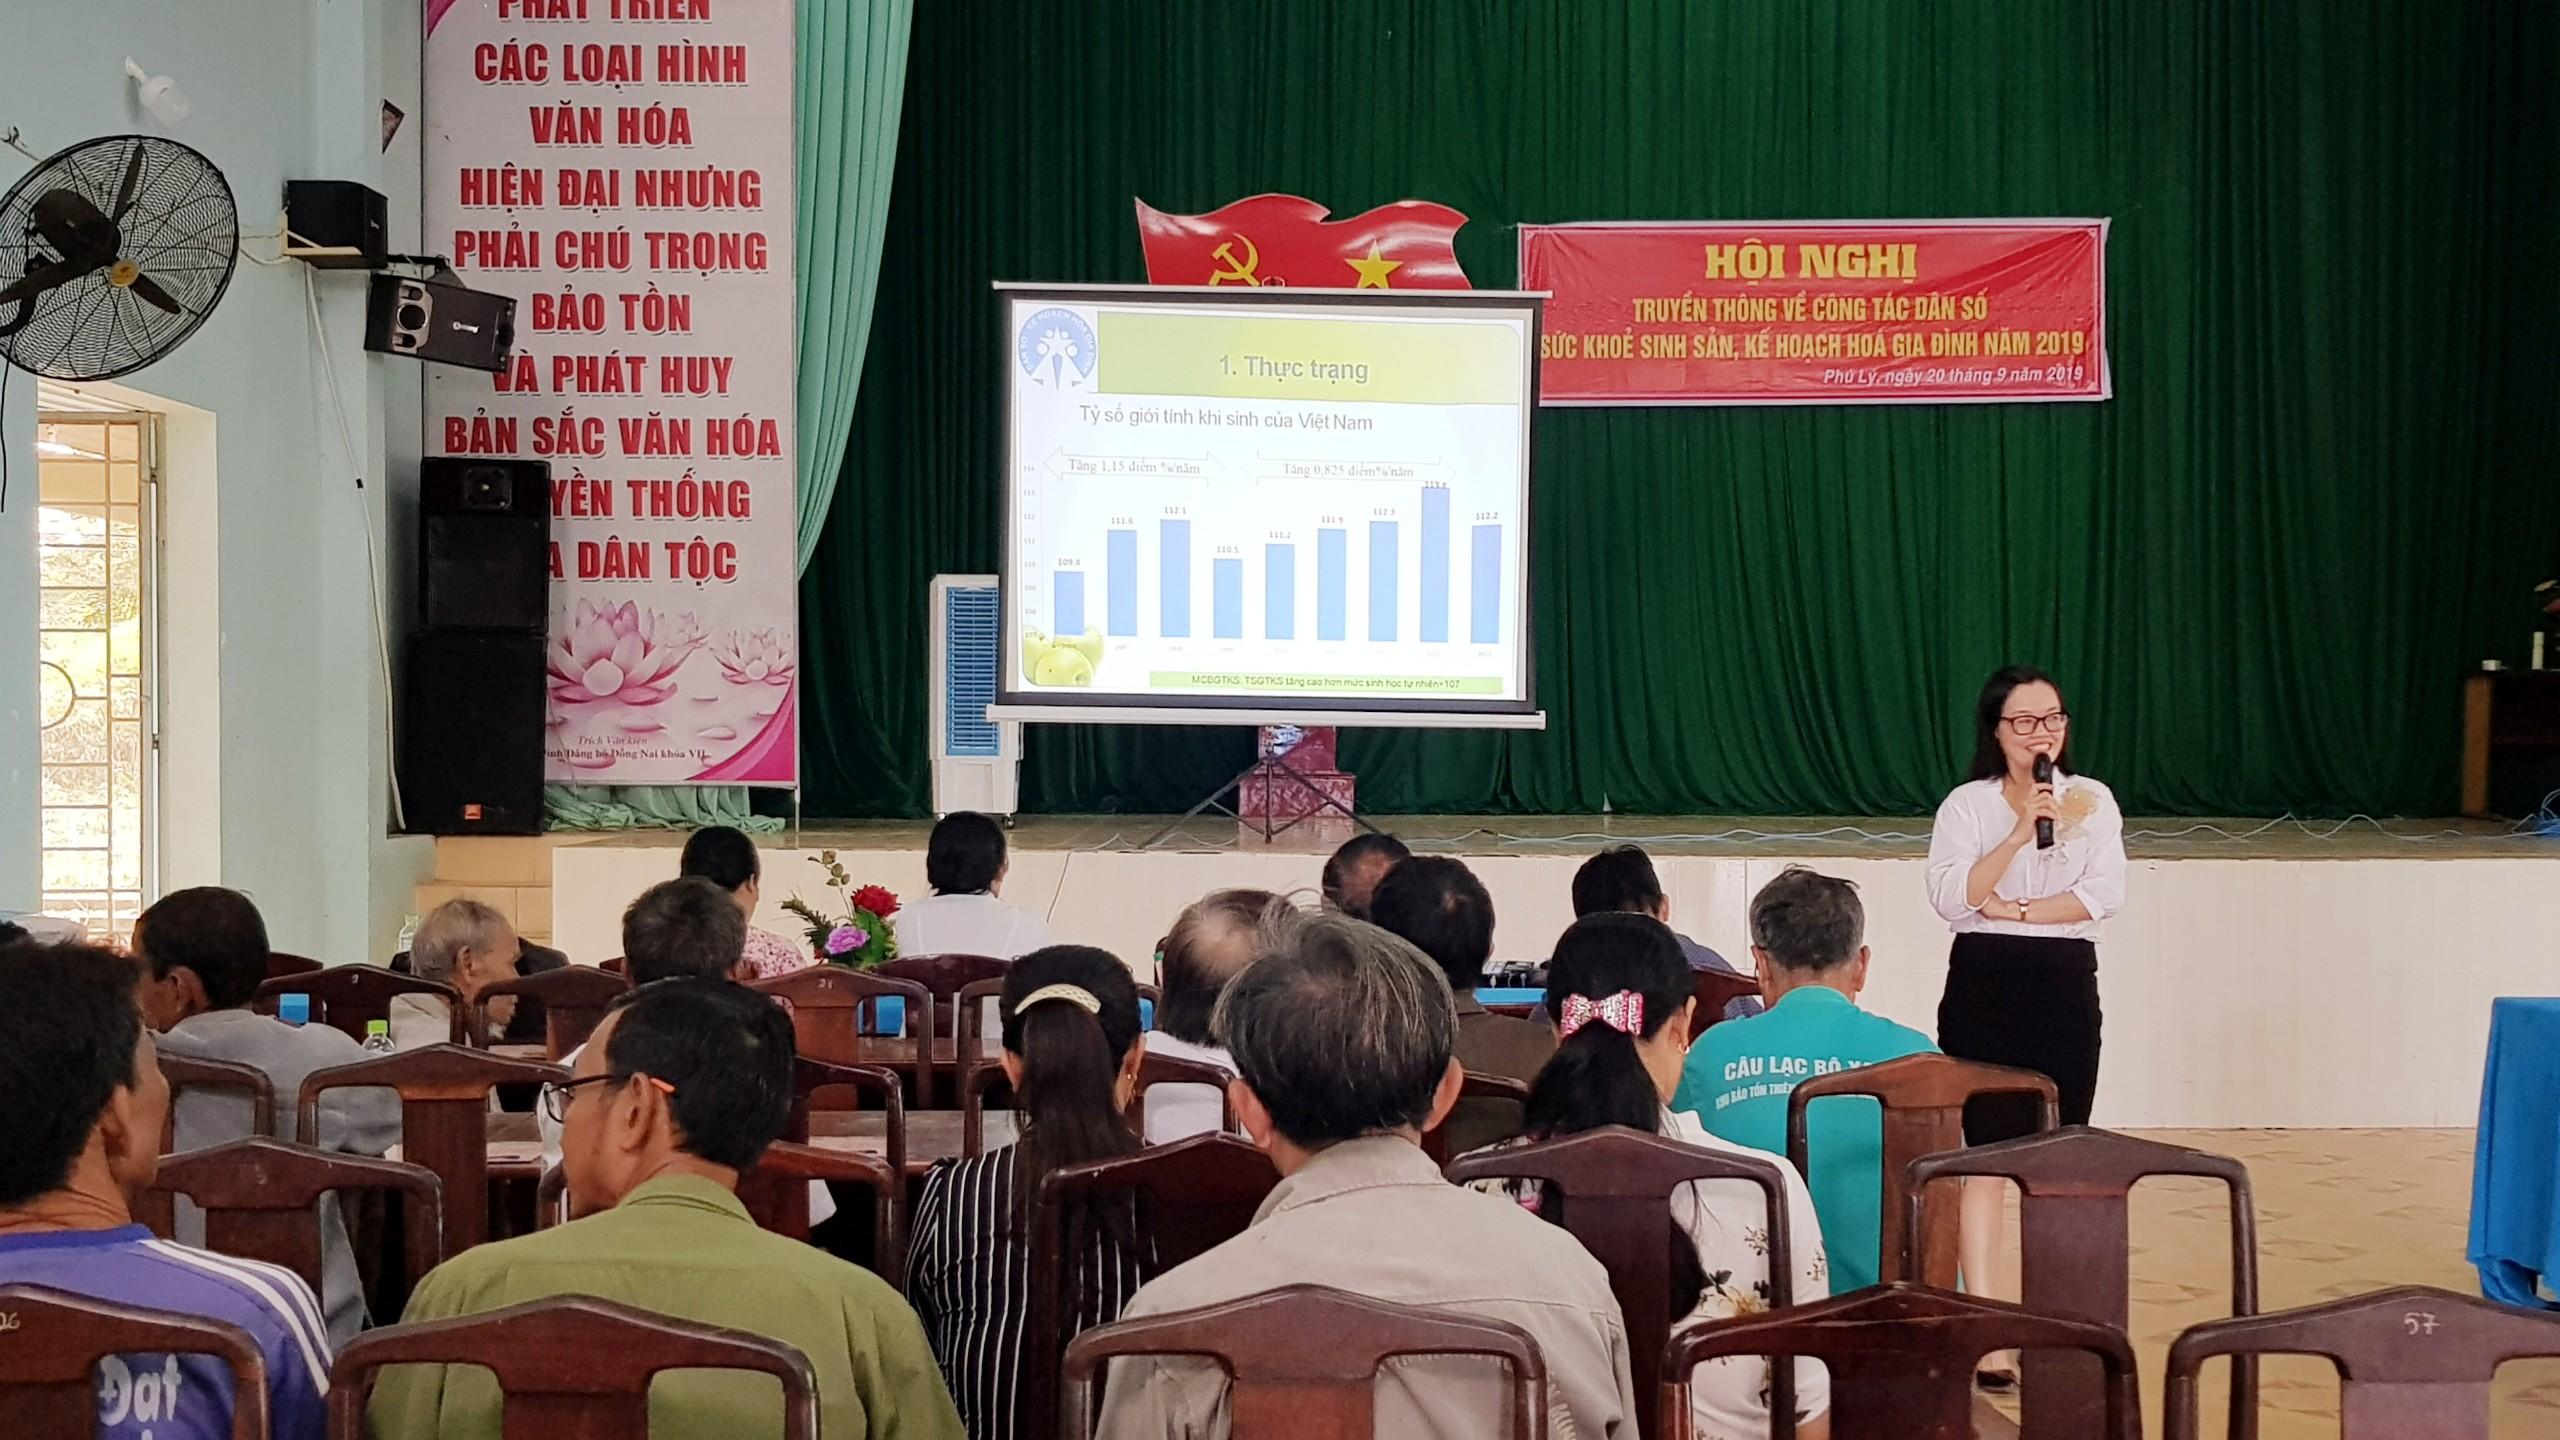 Hội nghị truyền thông về công tác Dân số, sức khỏe sinh sản, kế hoạch hóa gia đình năm 2019